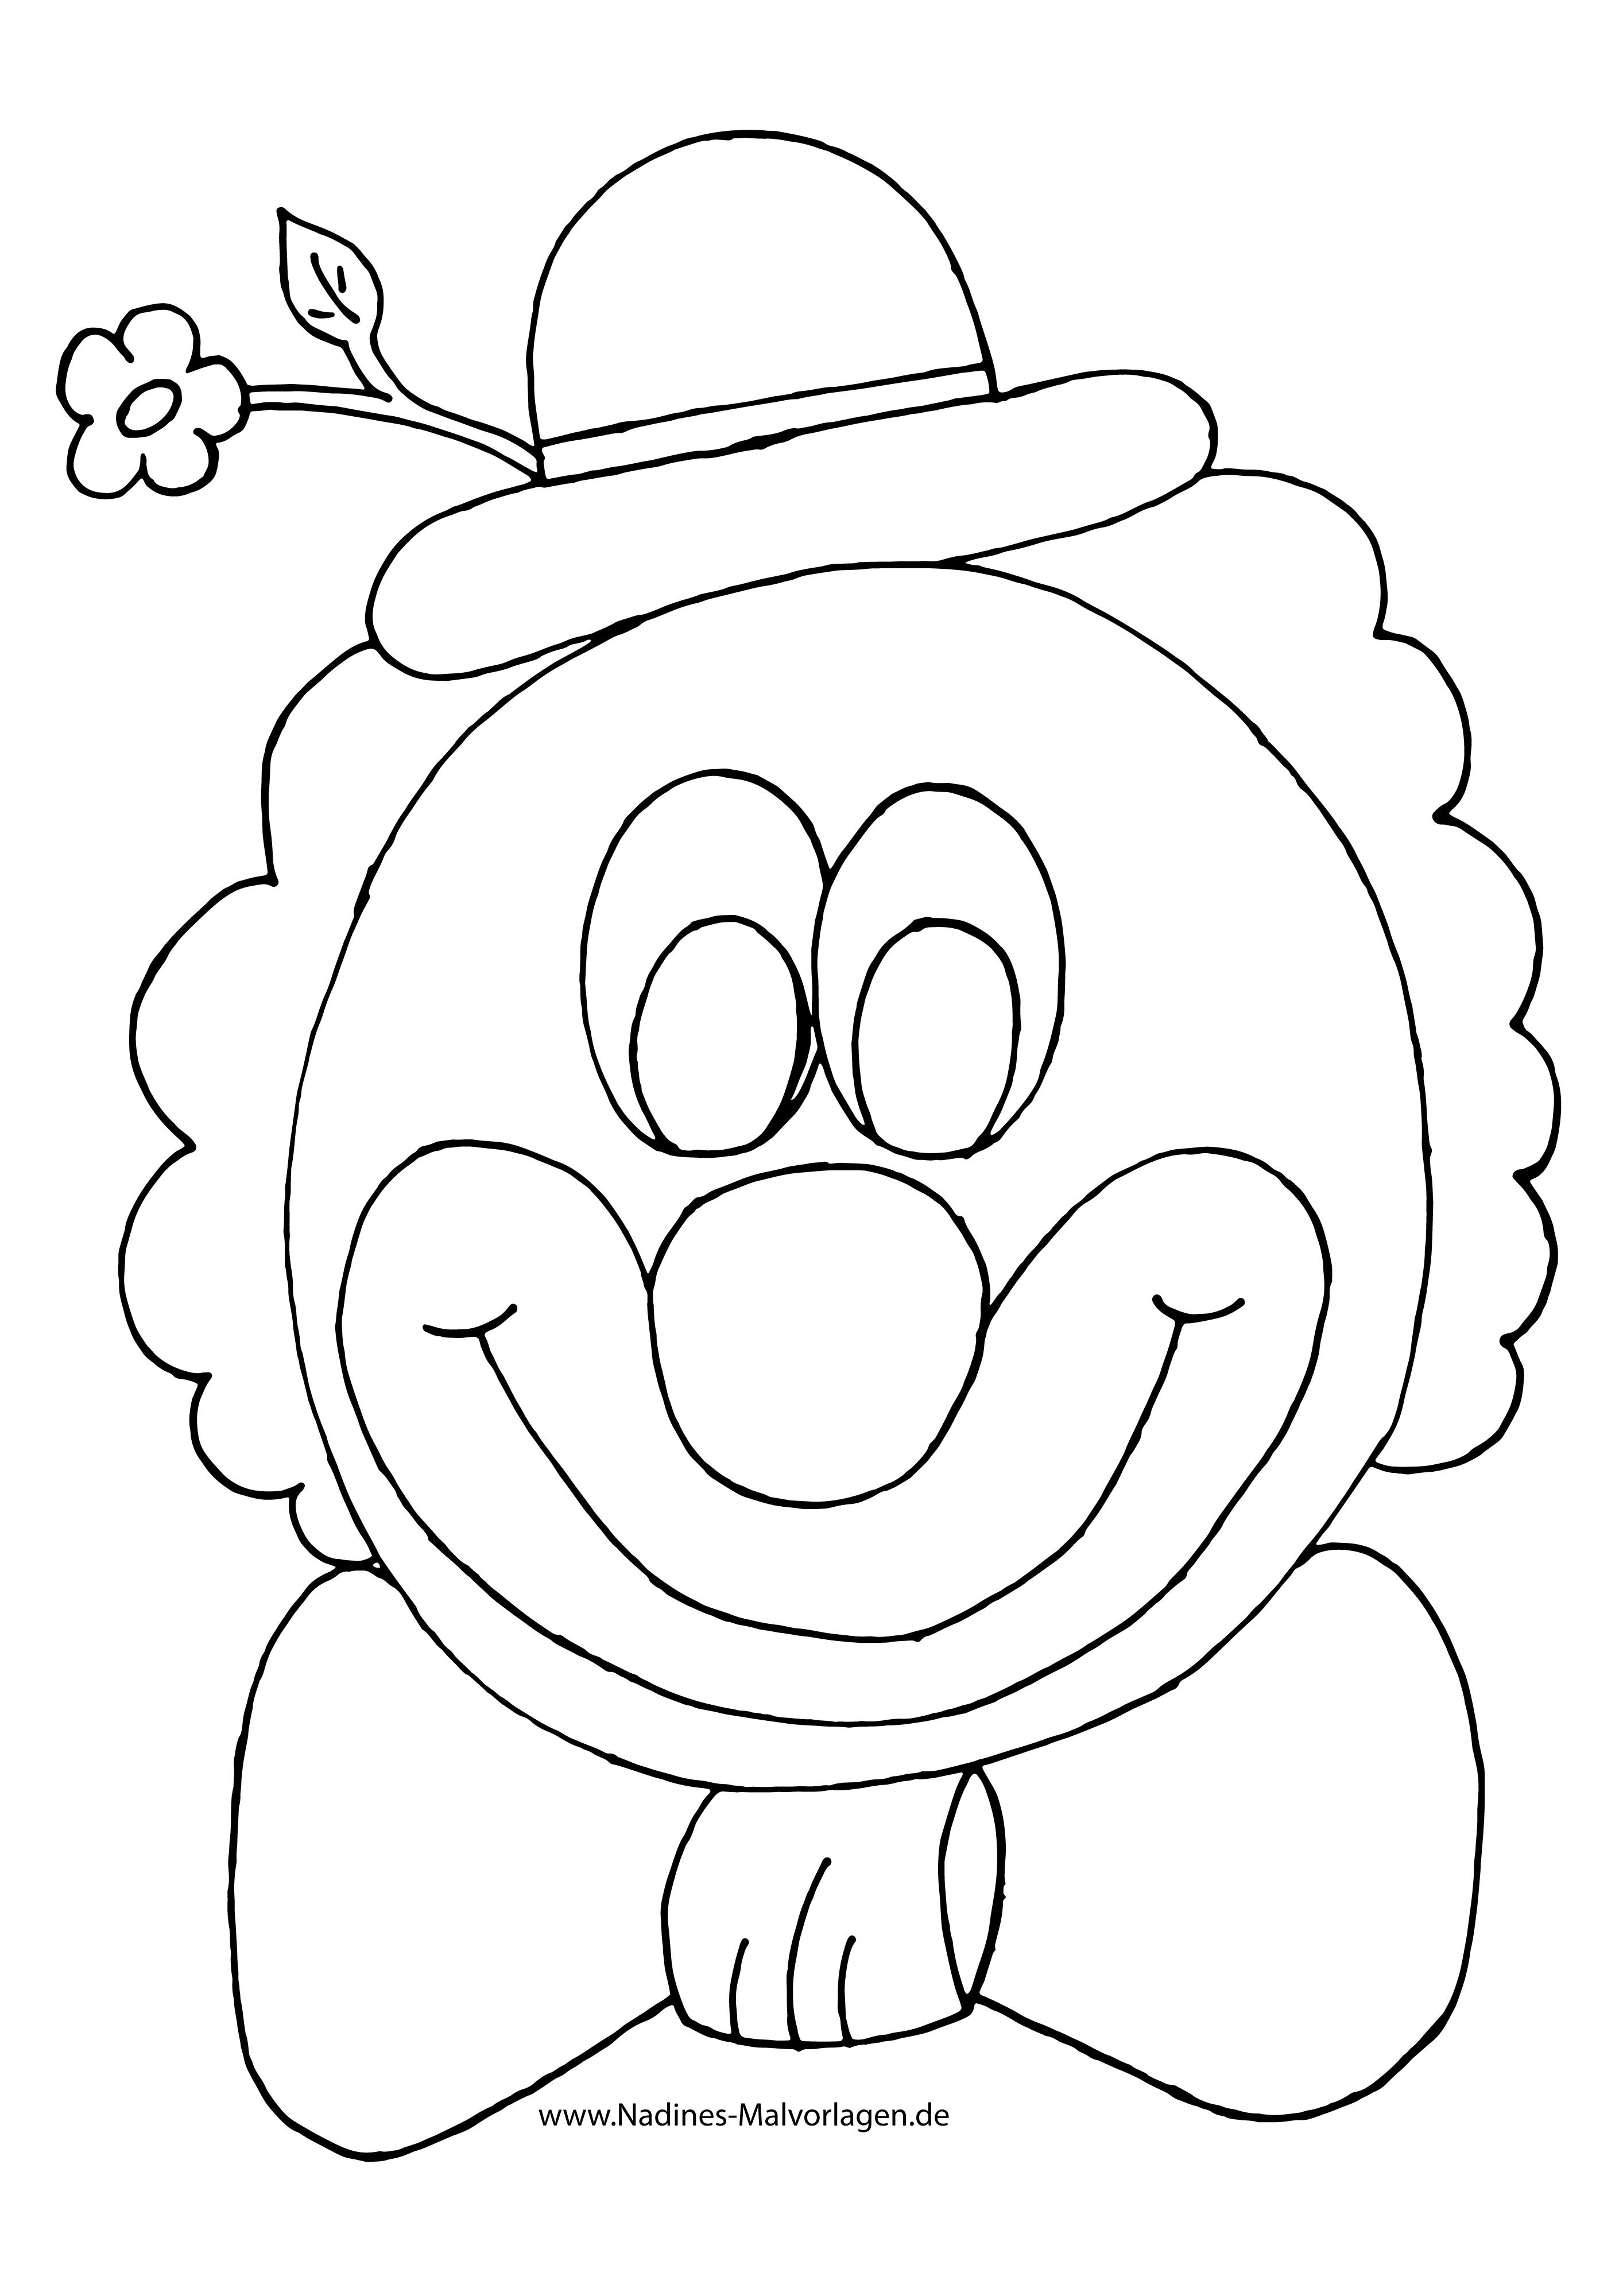 Großzügig Garfield Gesicht Malvorlagen Fotos - Entry Level Resume ...